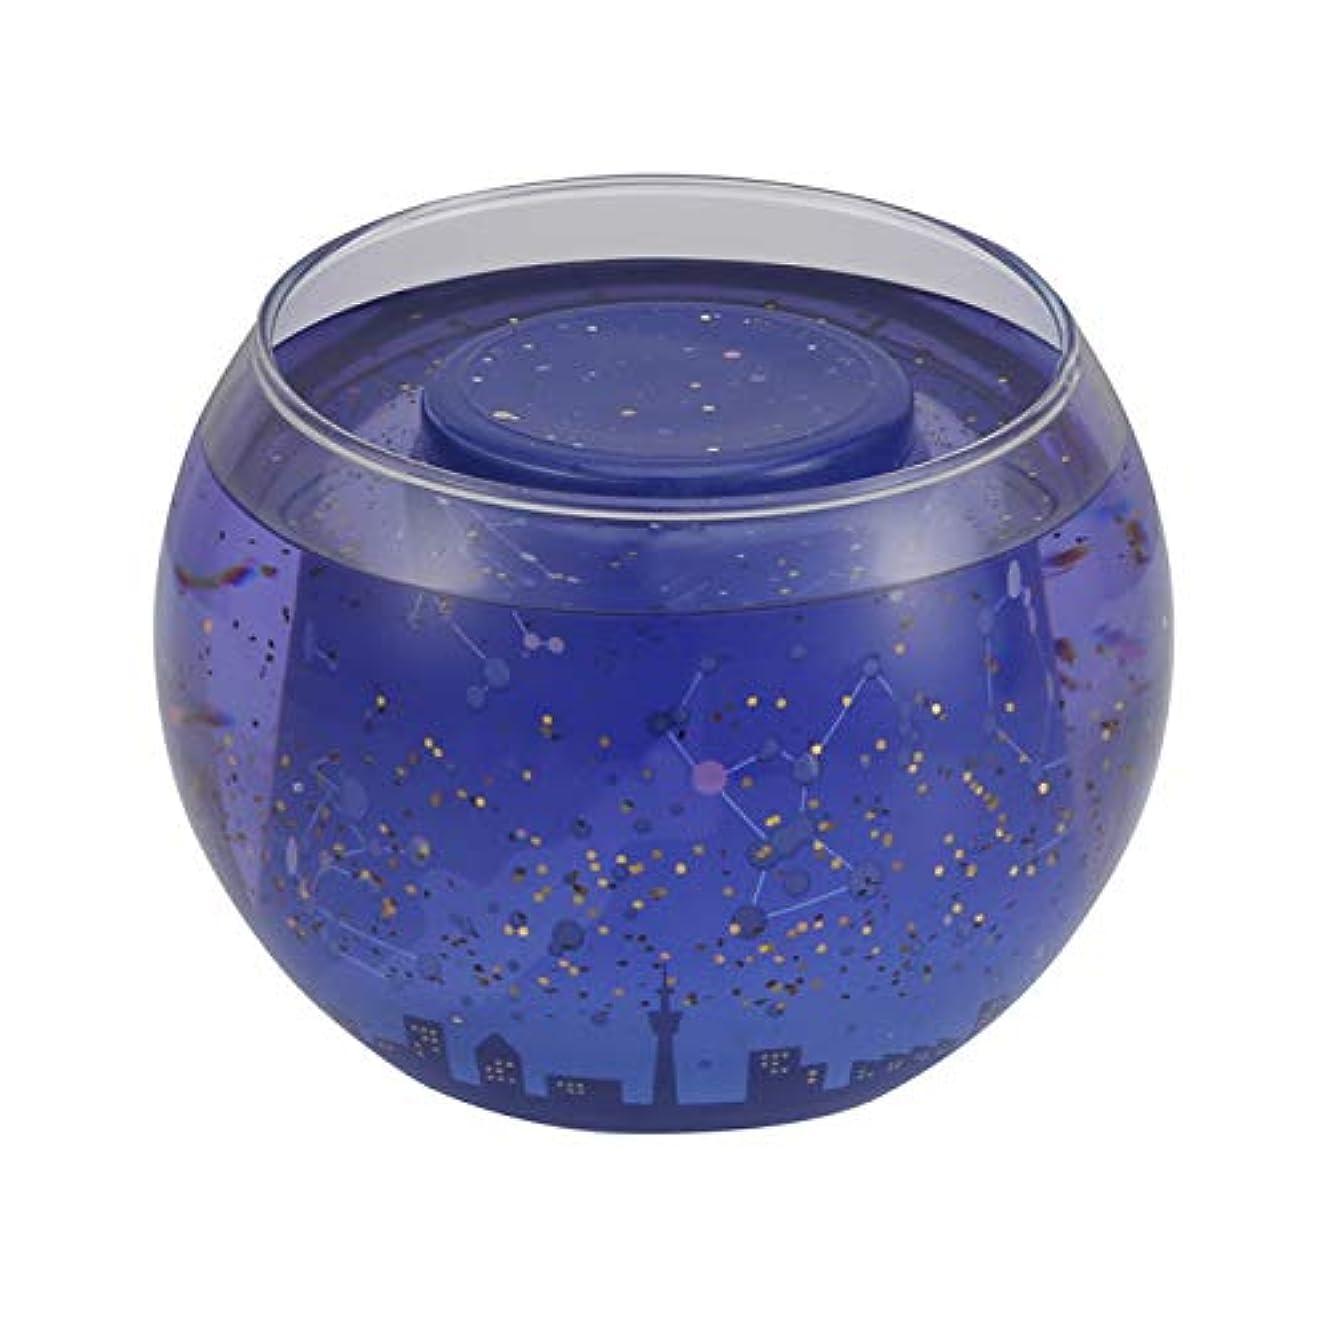 アトラスフェリー縫うVixen Scent of Cosmo 宇宙の香り アロマジェルライト ラズベリーミックス 71301